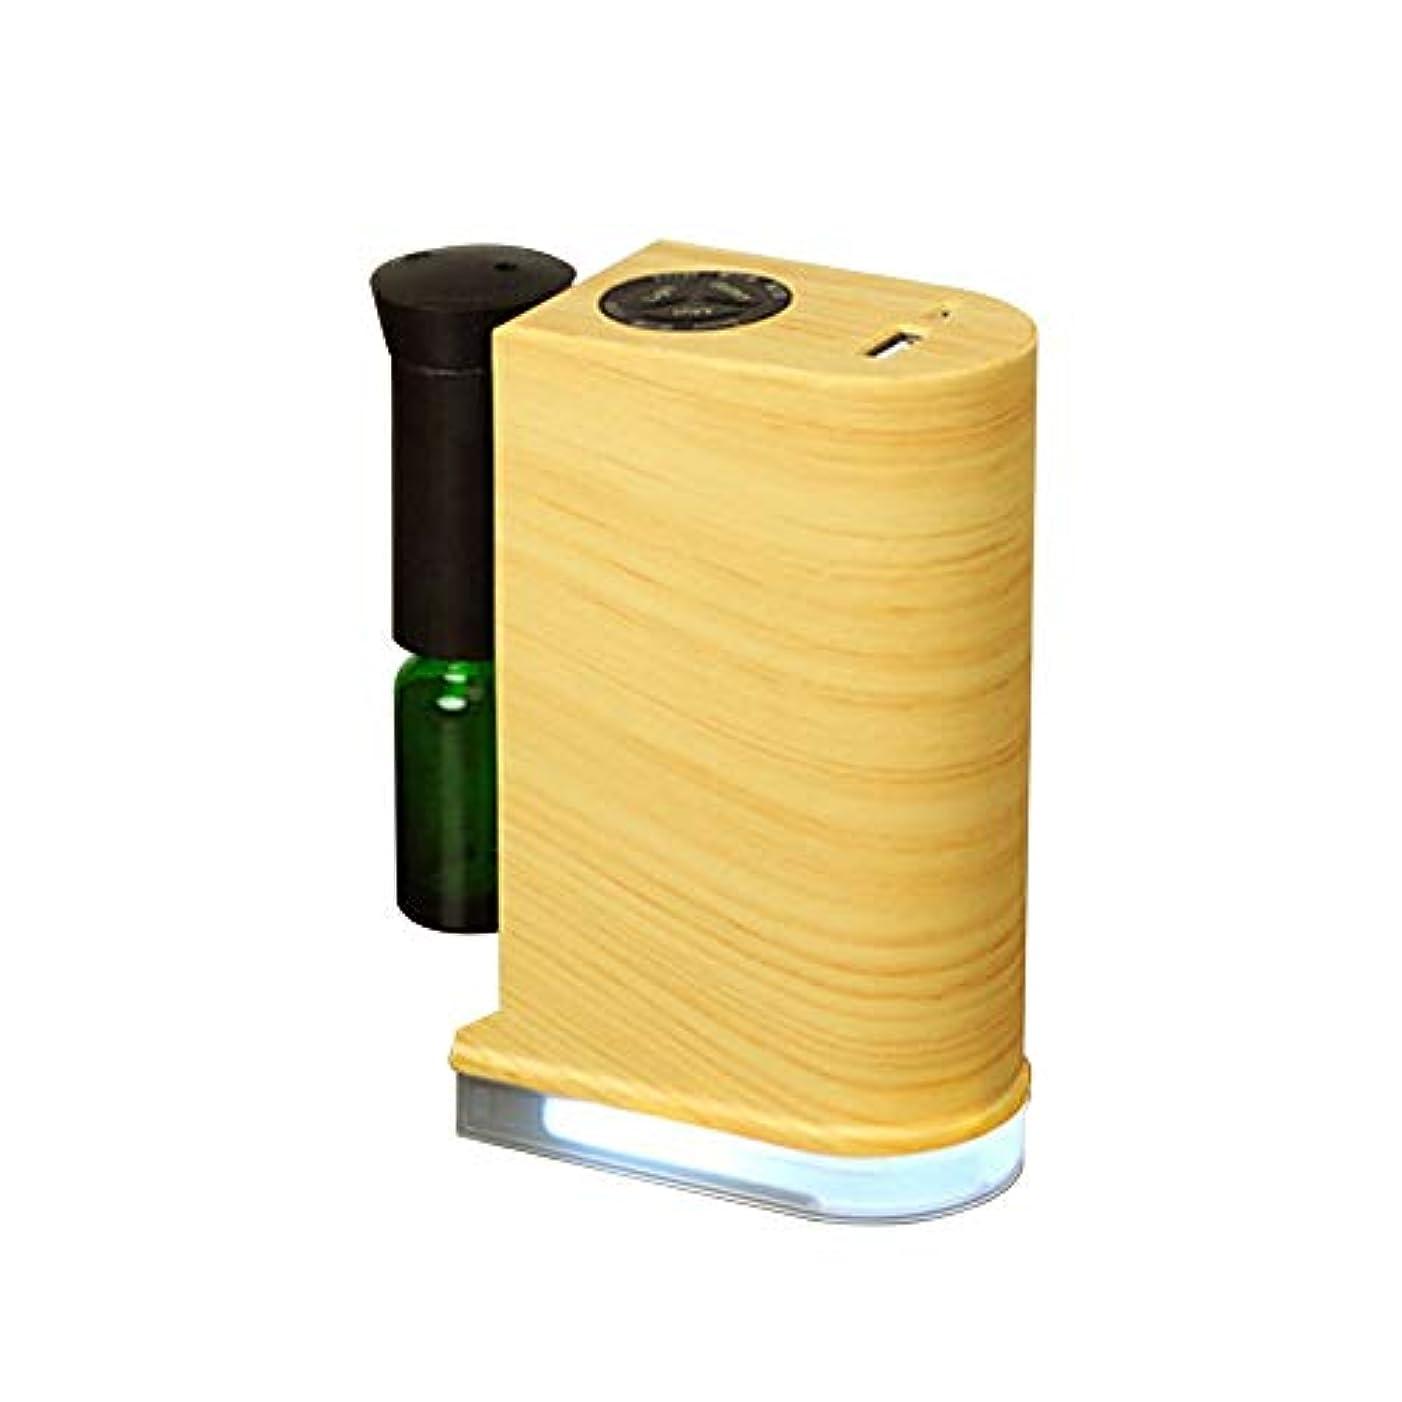 放棄する政治家の波アロマディフューザー 木目調 ネブライザー式 USBポート付き 癒しの空間 卓上 アロマライト アロマオイル スマホ充電可能 オフィス リビング ナチュラル